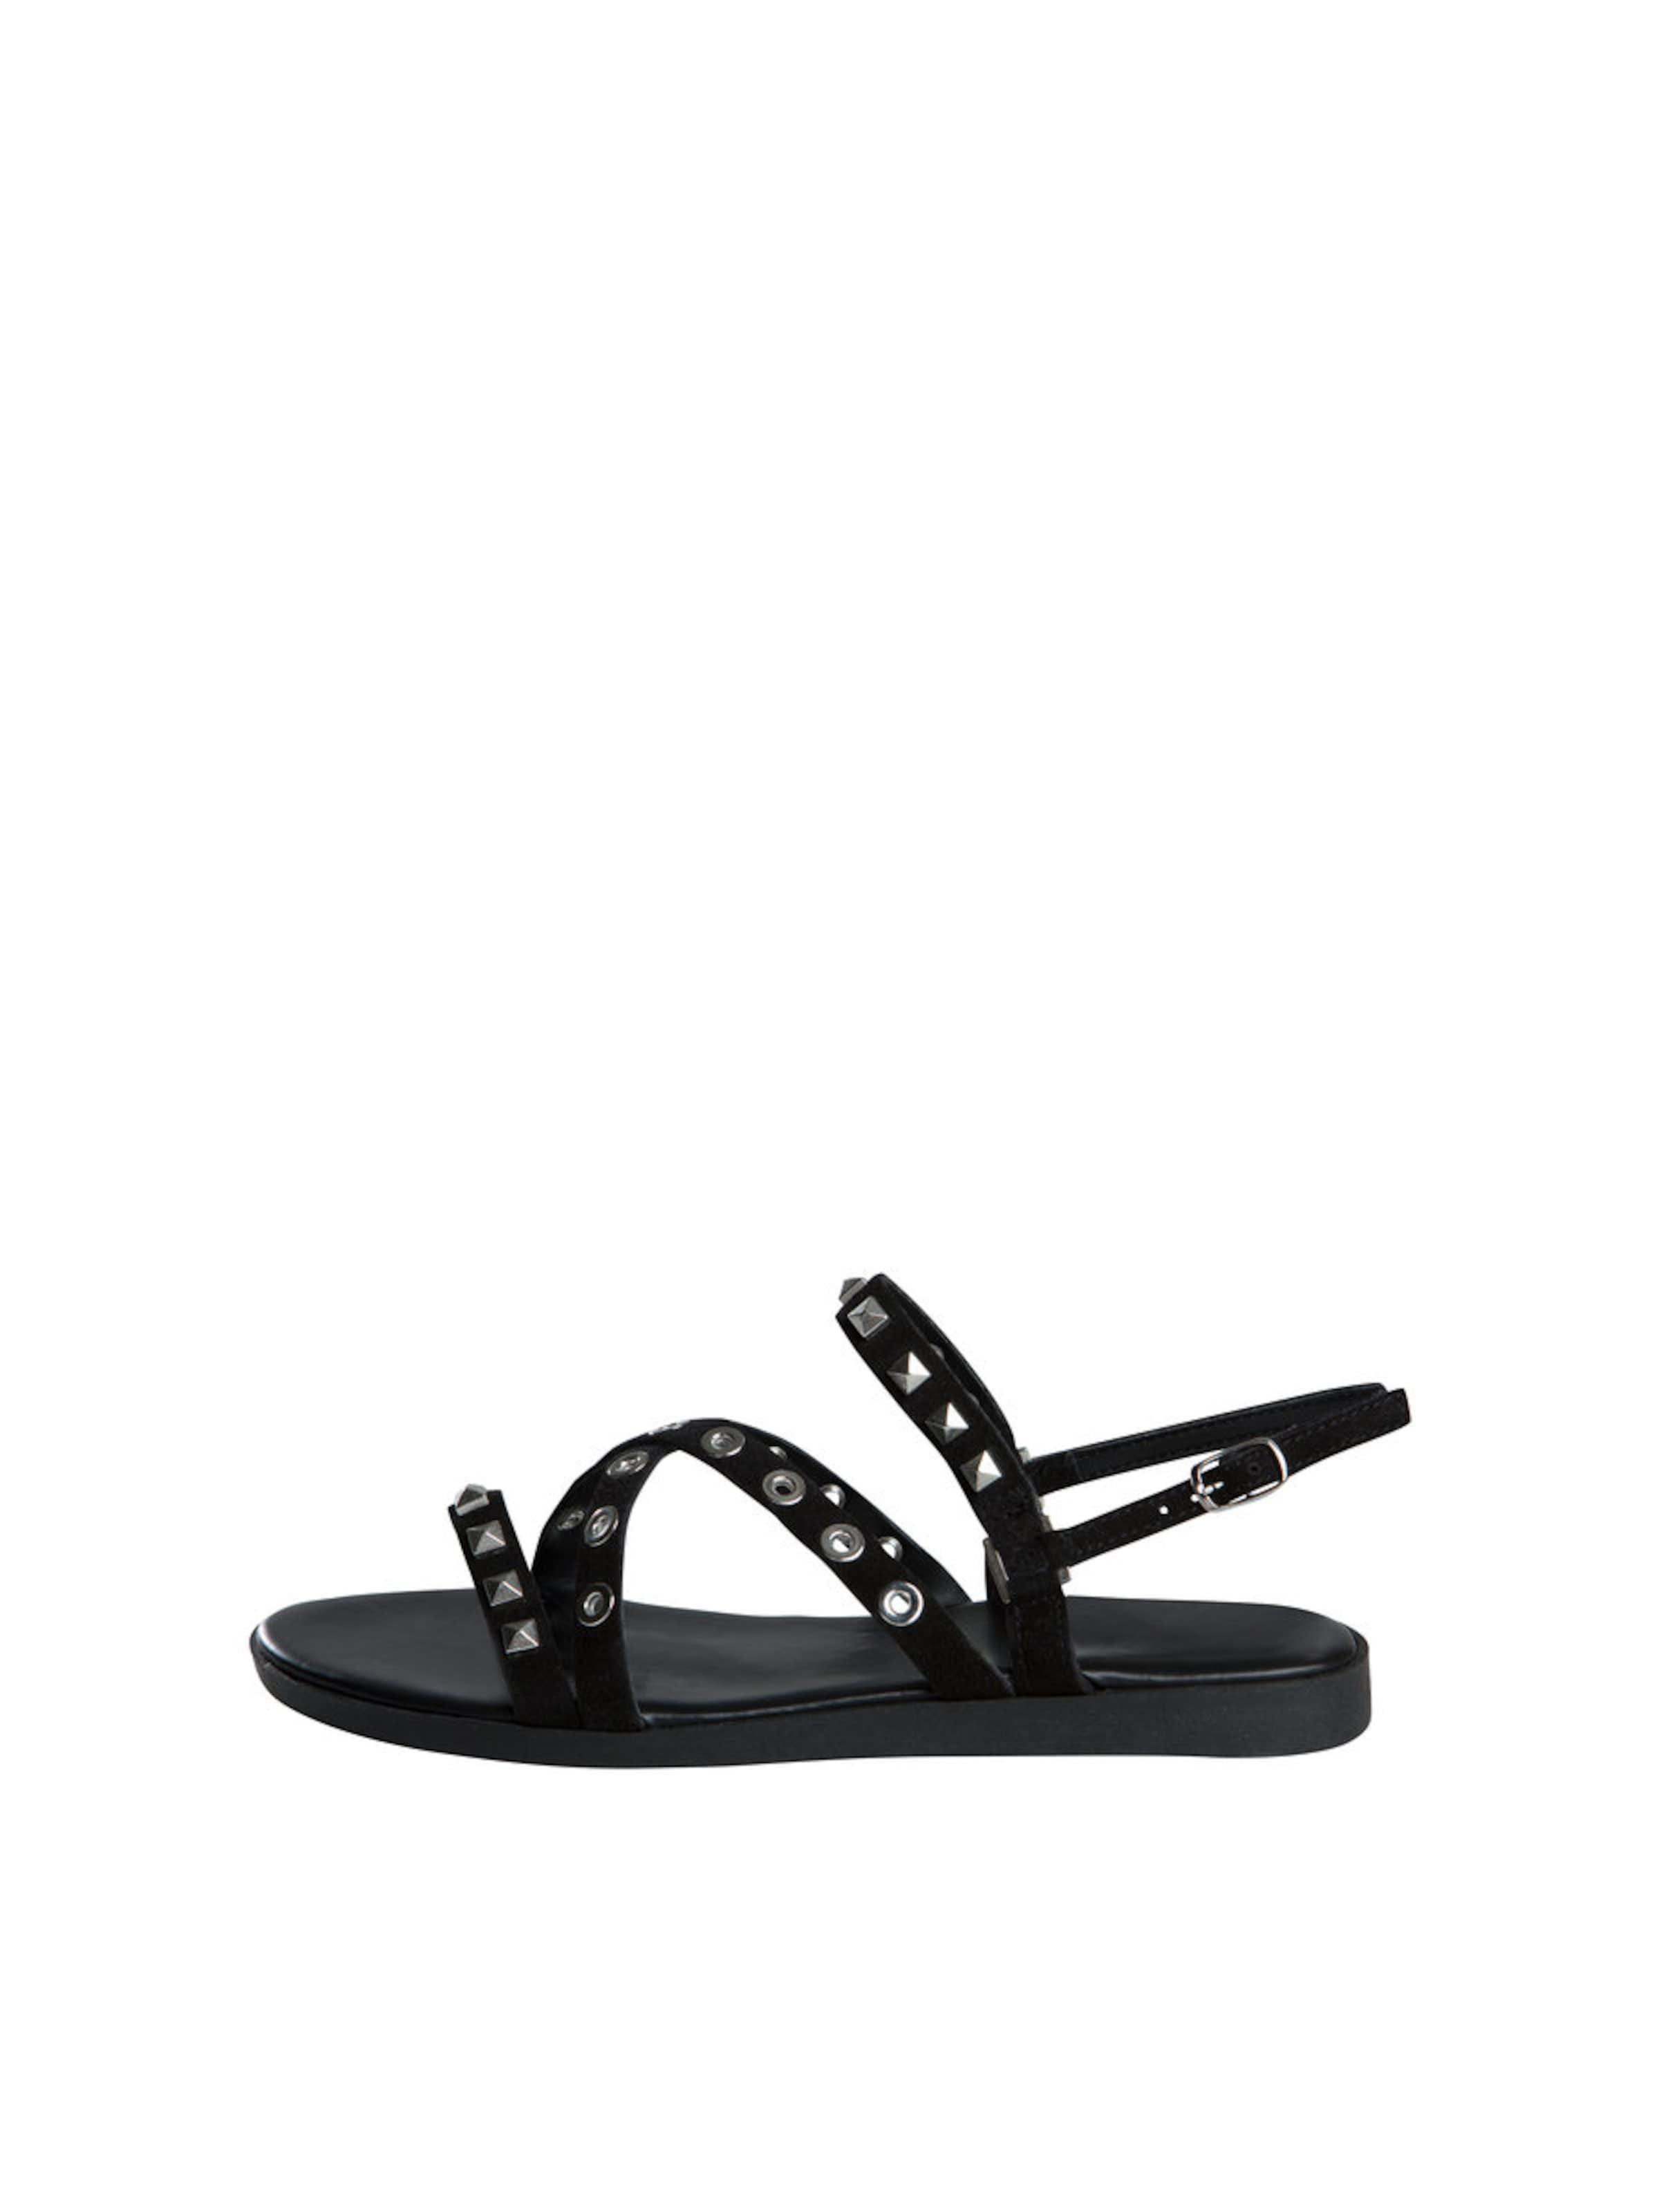 Haltbare Mode billige Schuhe getragene PIECES | Sandalen Schuhe Gut getragene Schuhe Schuhe c734d1